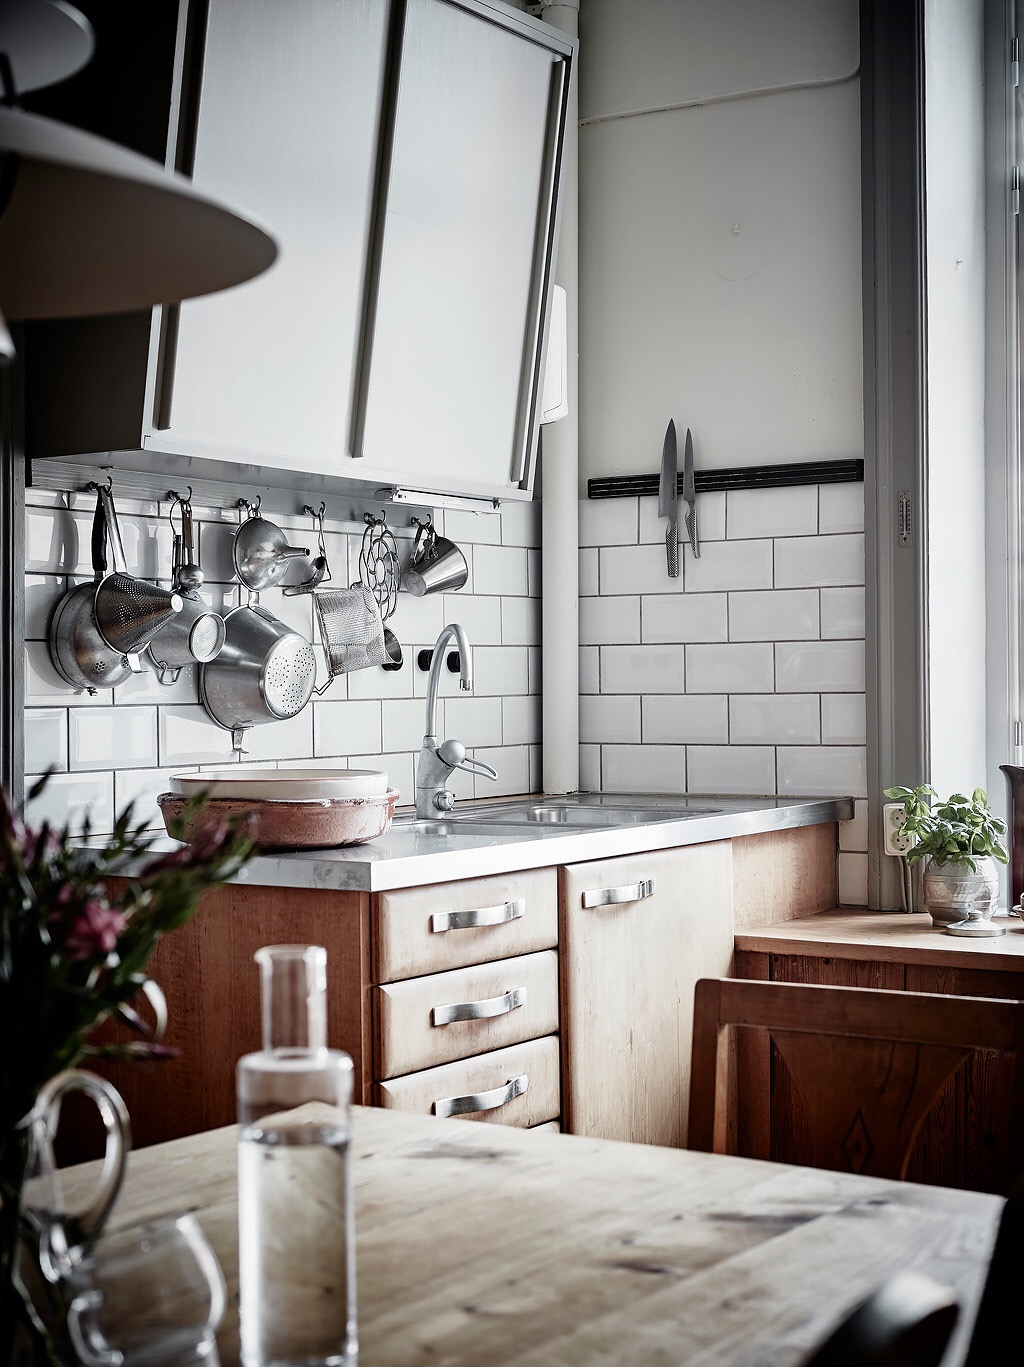 кухонная мебель столешница мойка кухонная утварь